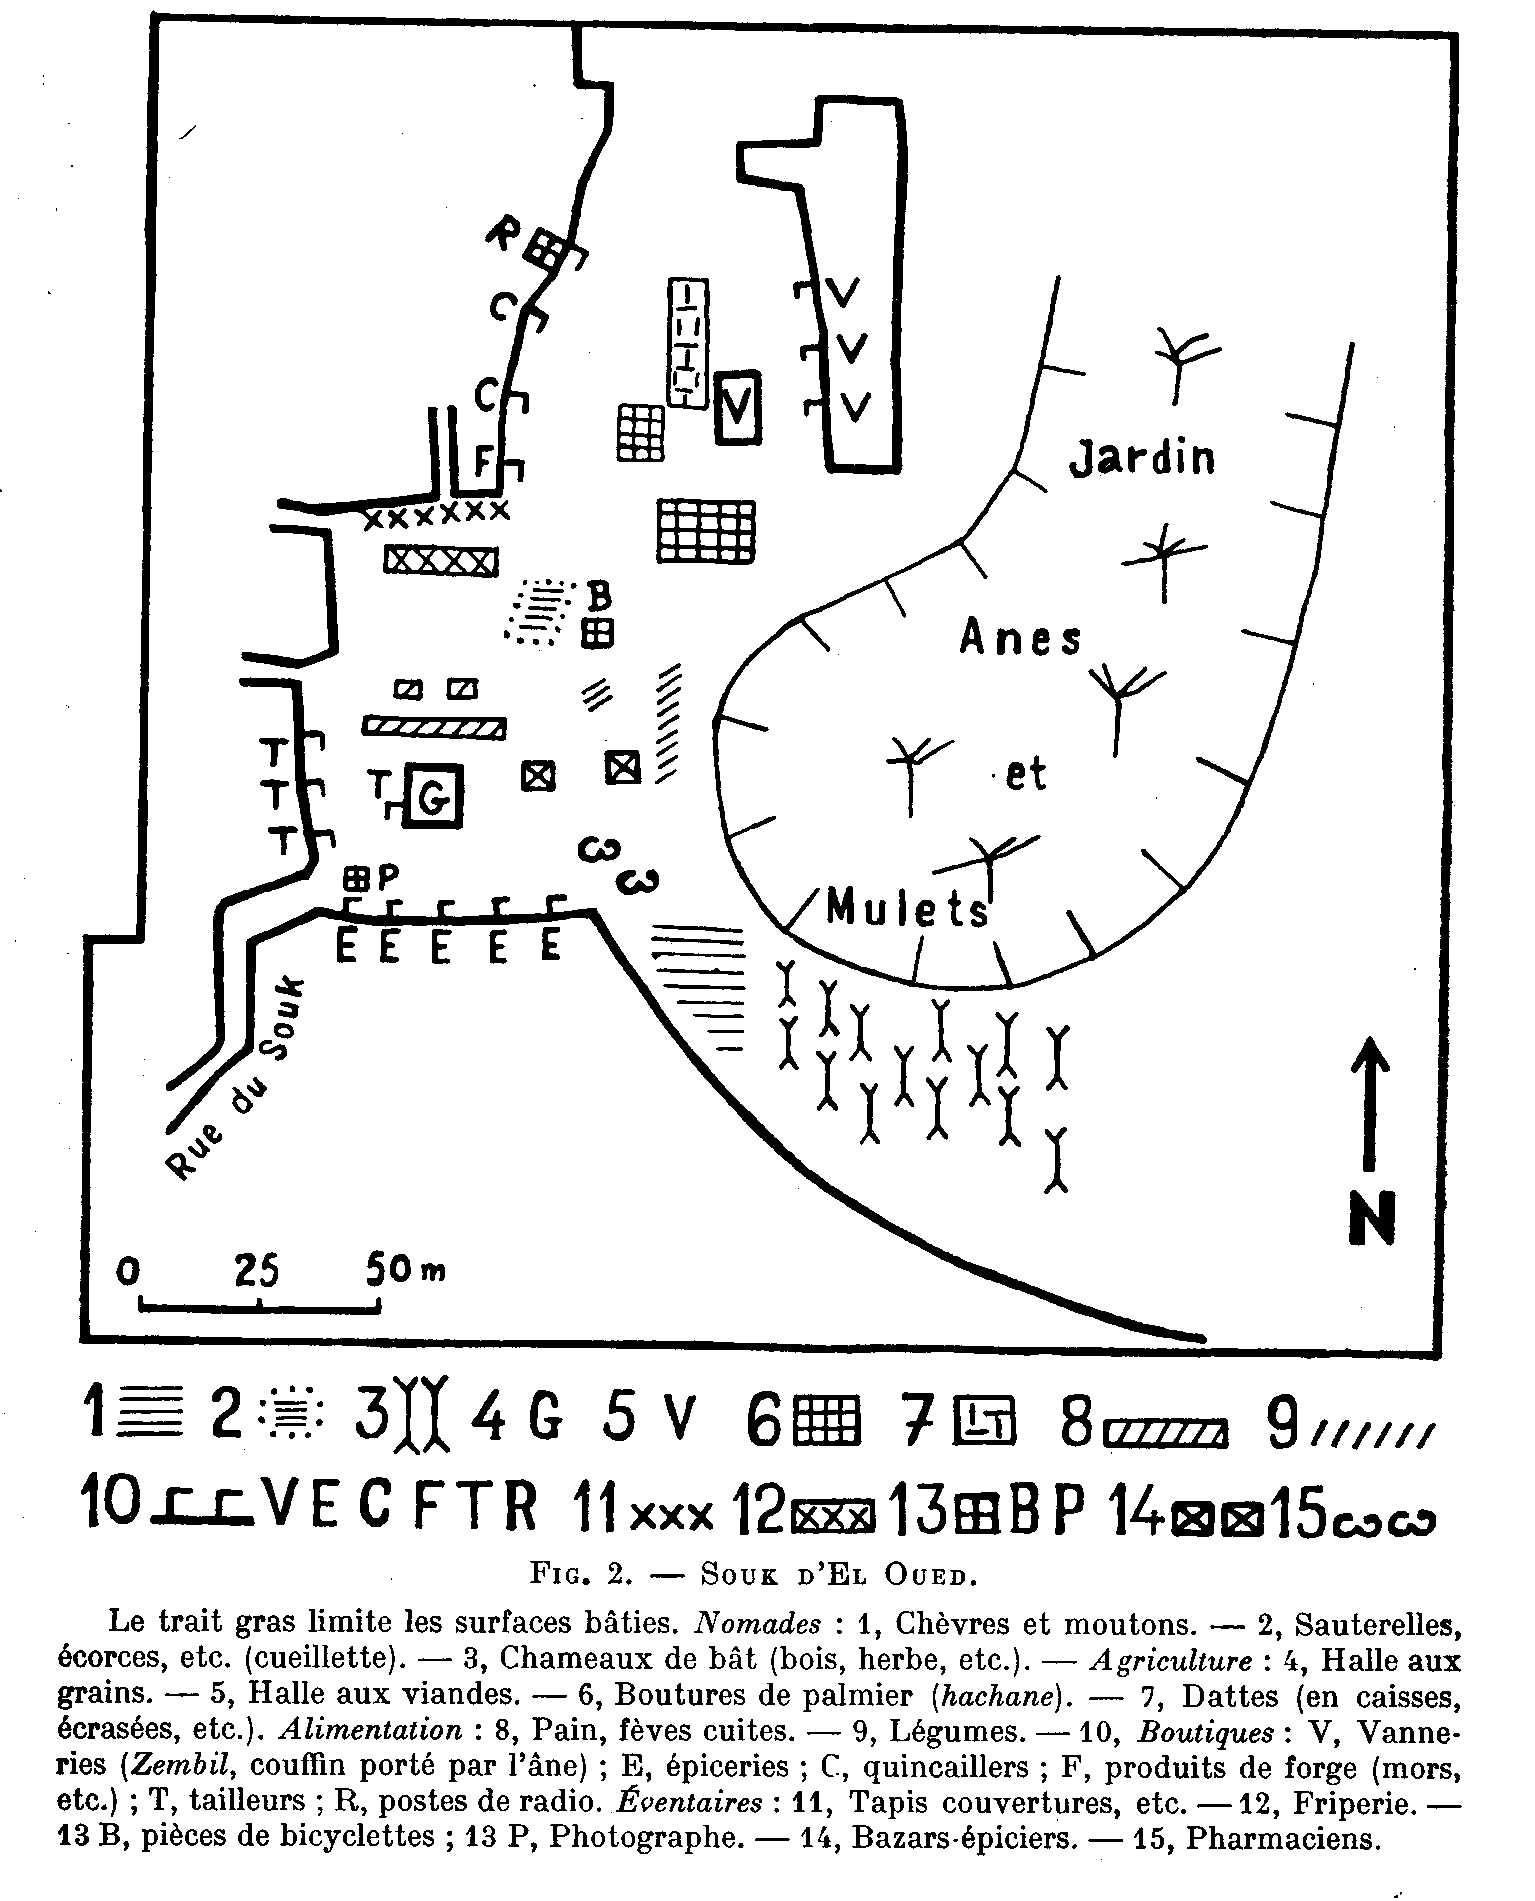 le souk hebdomadaire d'El Oued en 1960